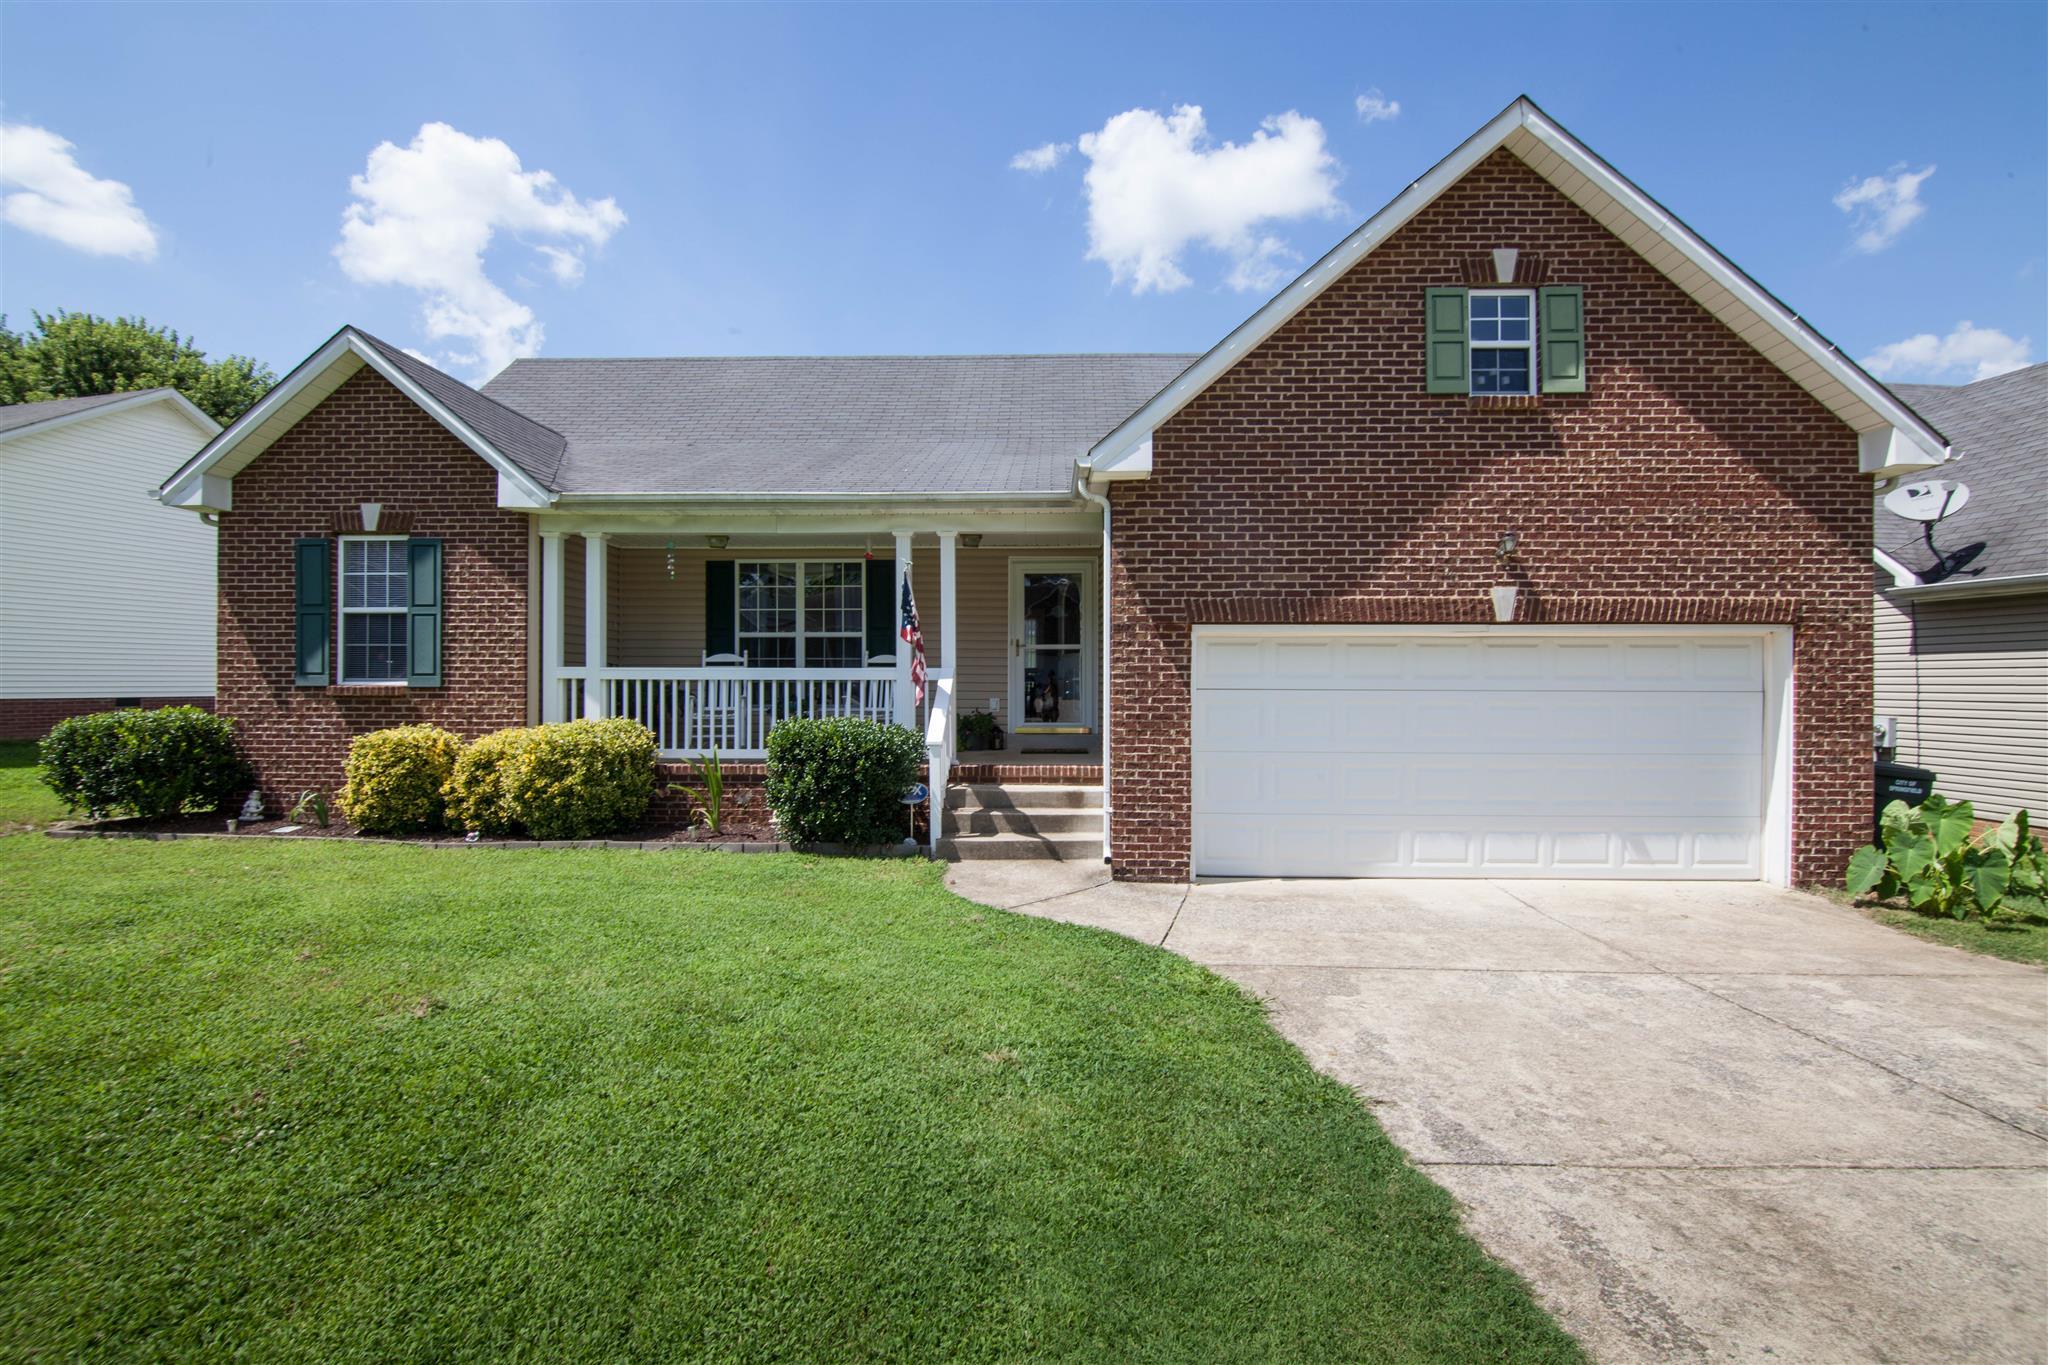 240 Green Hills Dr, Springfield, TN 37172